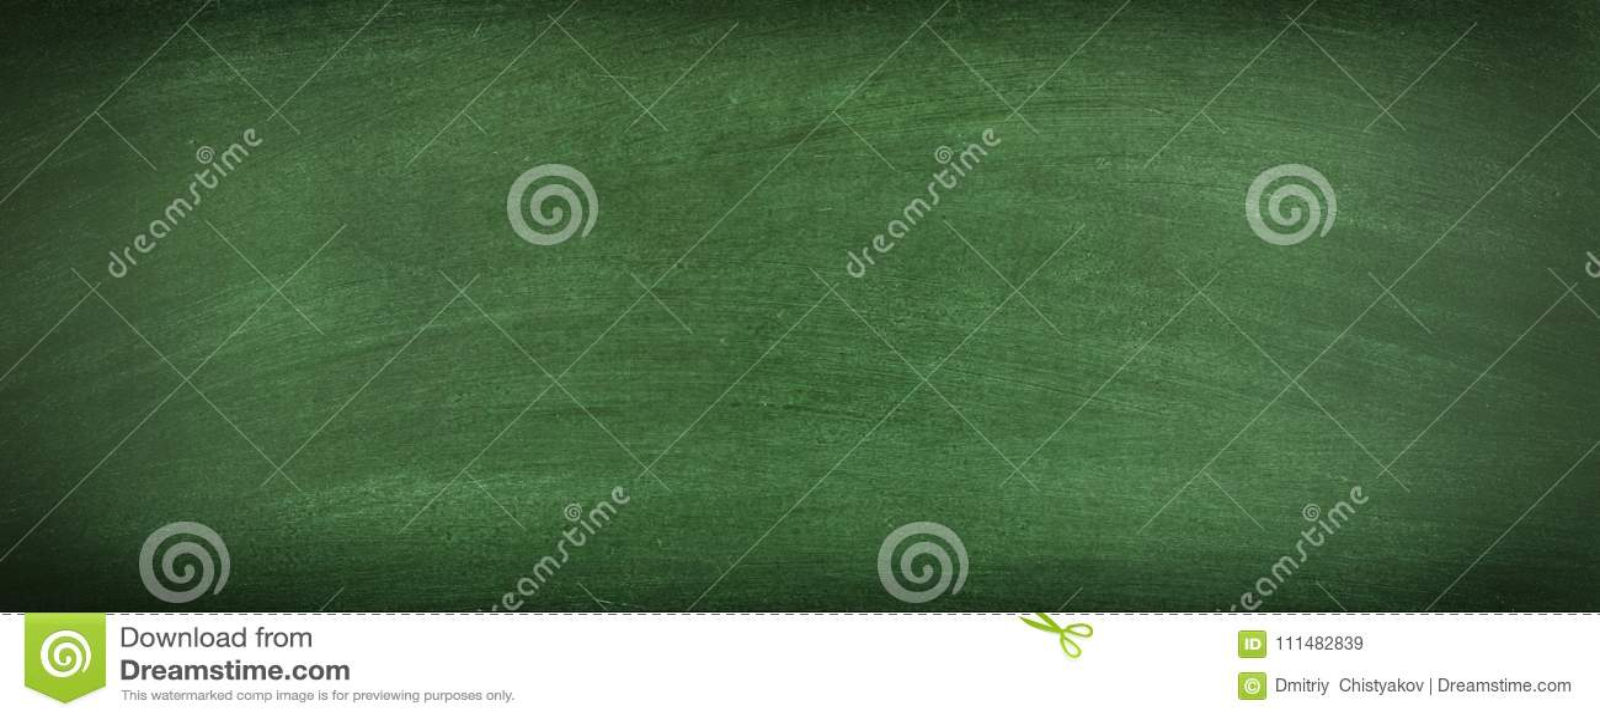 green chalkboard blank background texture of a clean blackboard